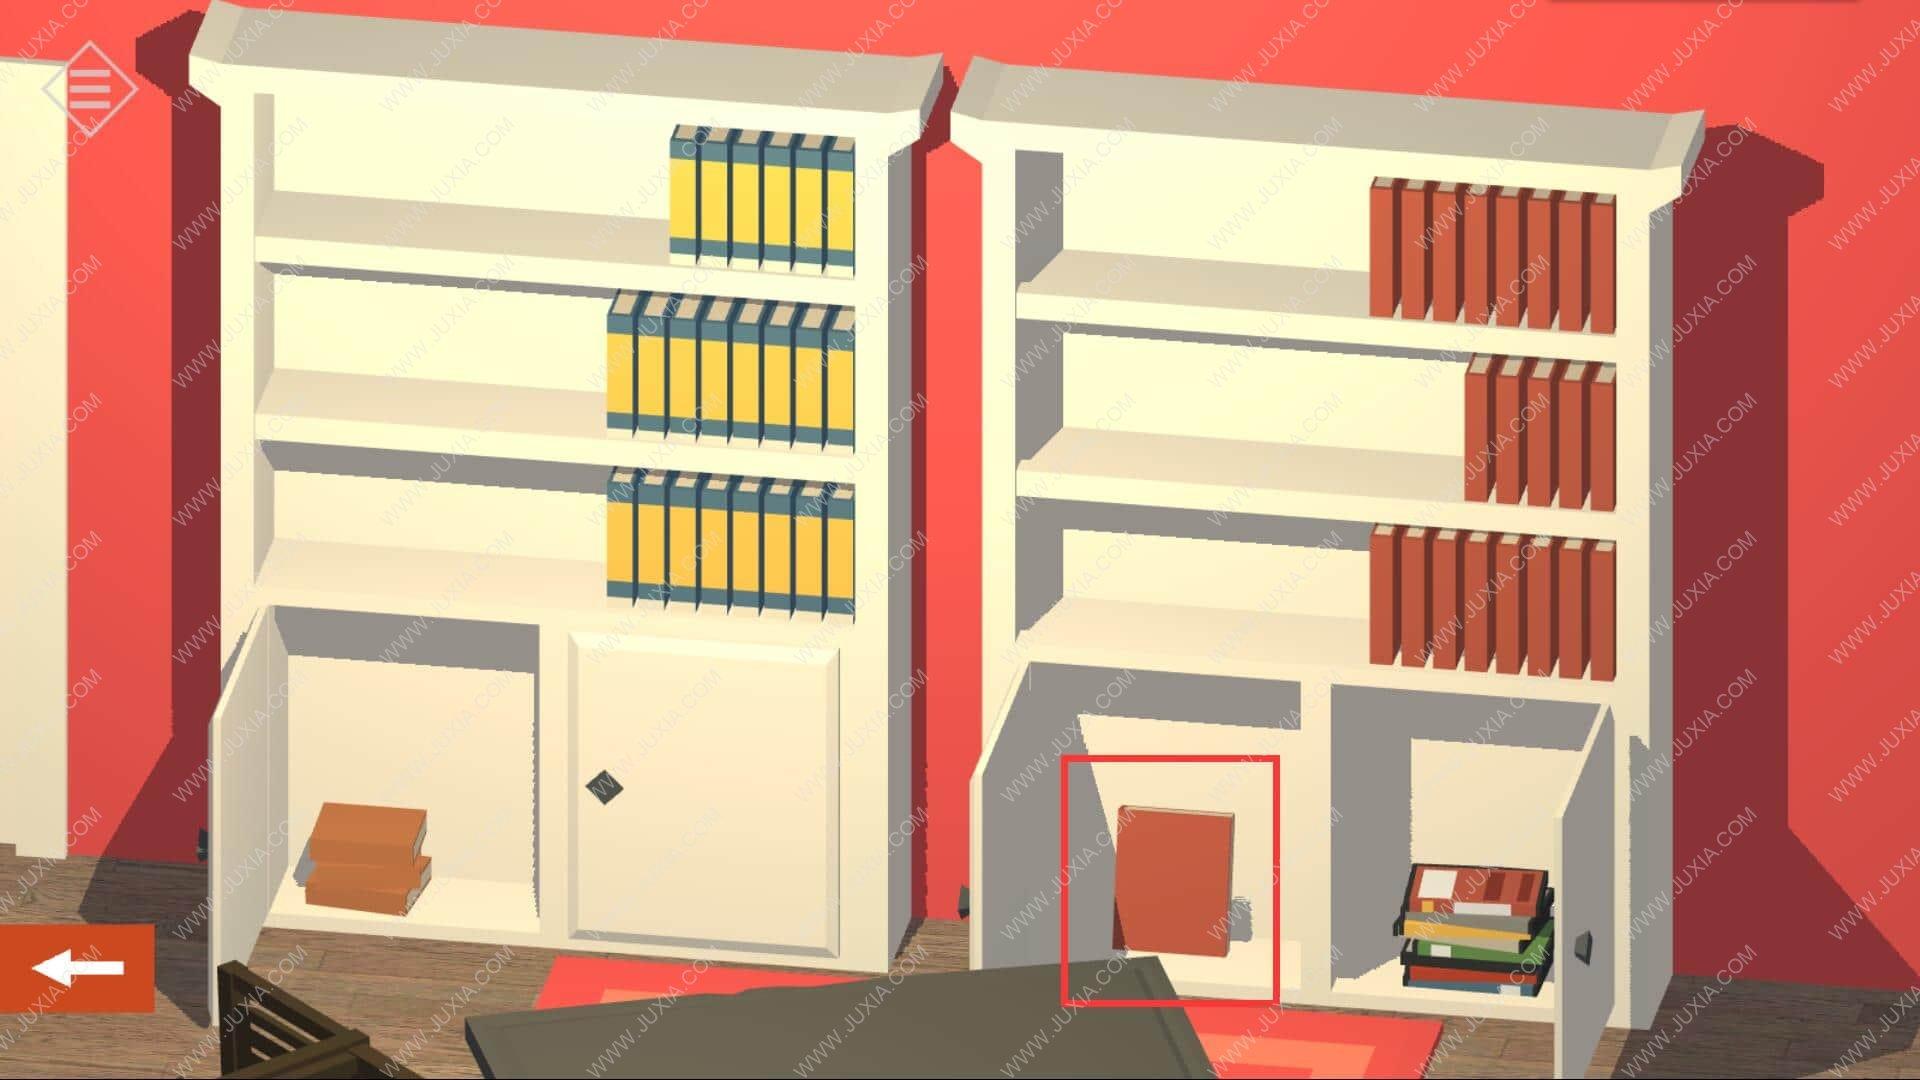 小房间故事攻略第一章 TinyRoomStoriesTownMystery第一季攻略第一章图文